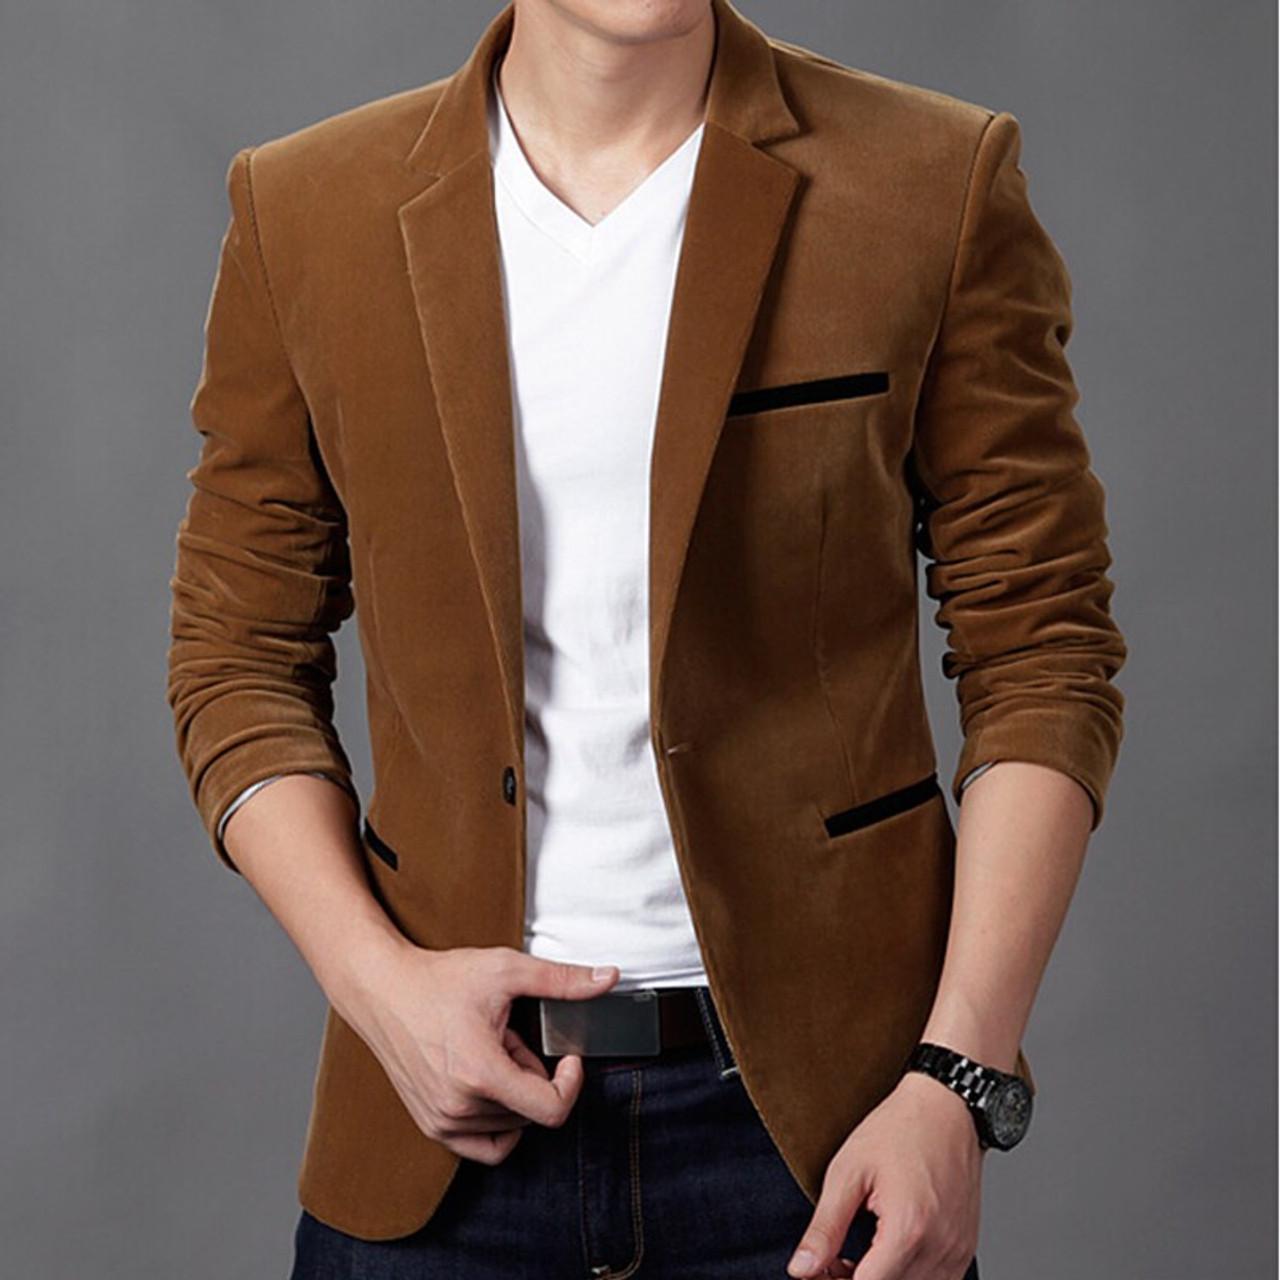 23670fbc629 ... 2018 mens blazer brand clothing casual suit Slim Jacket Single Button  corduroy blazer men dress suits ...